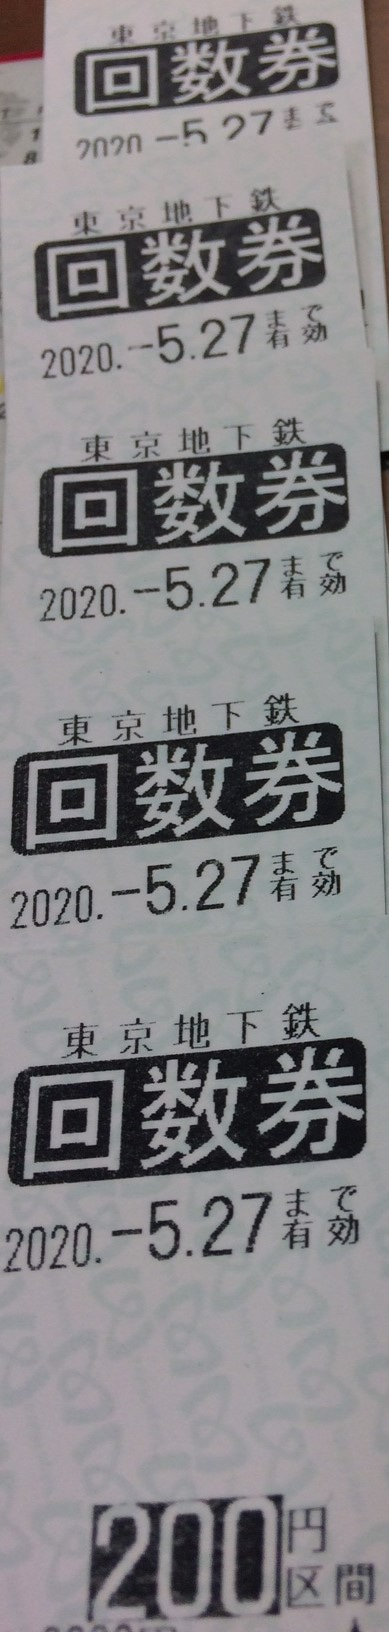 券 東京 払い戻し 回数 メトロ